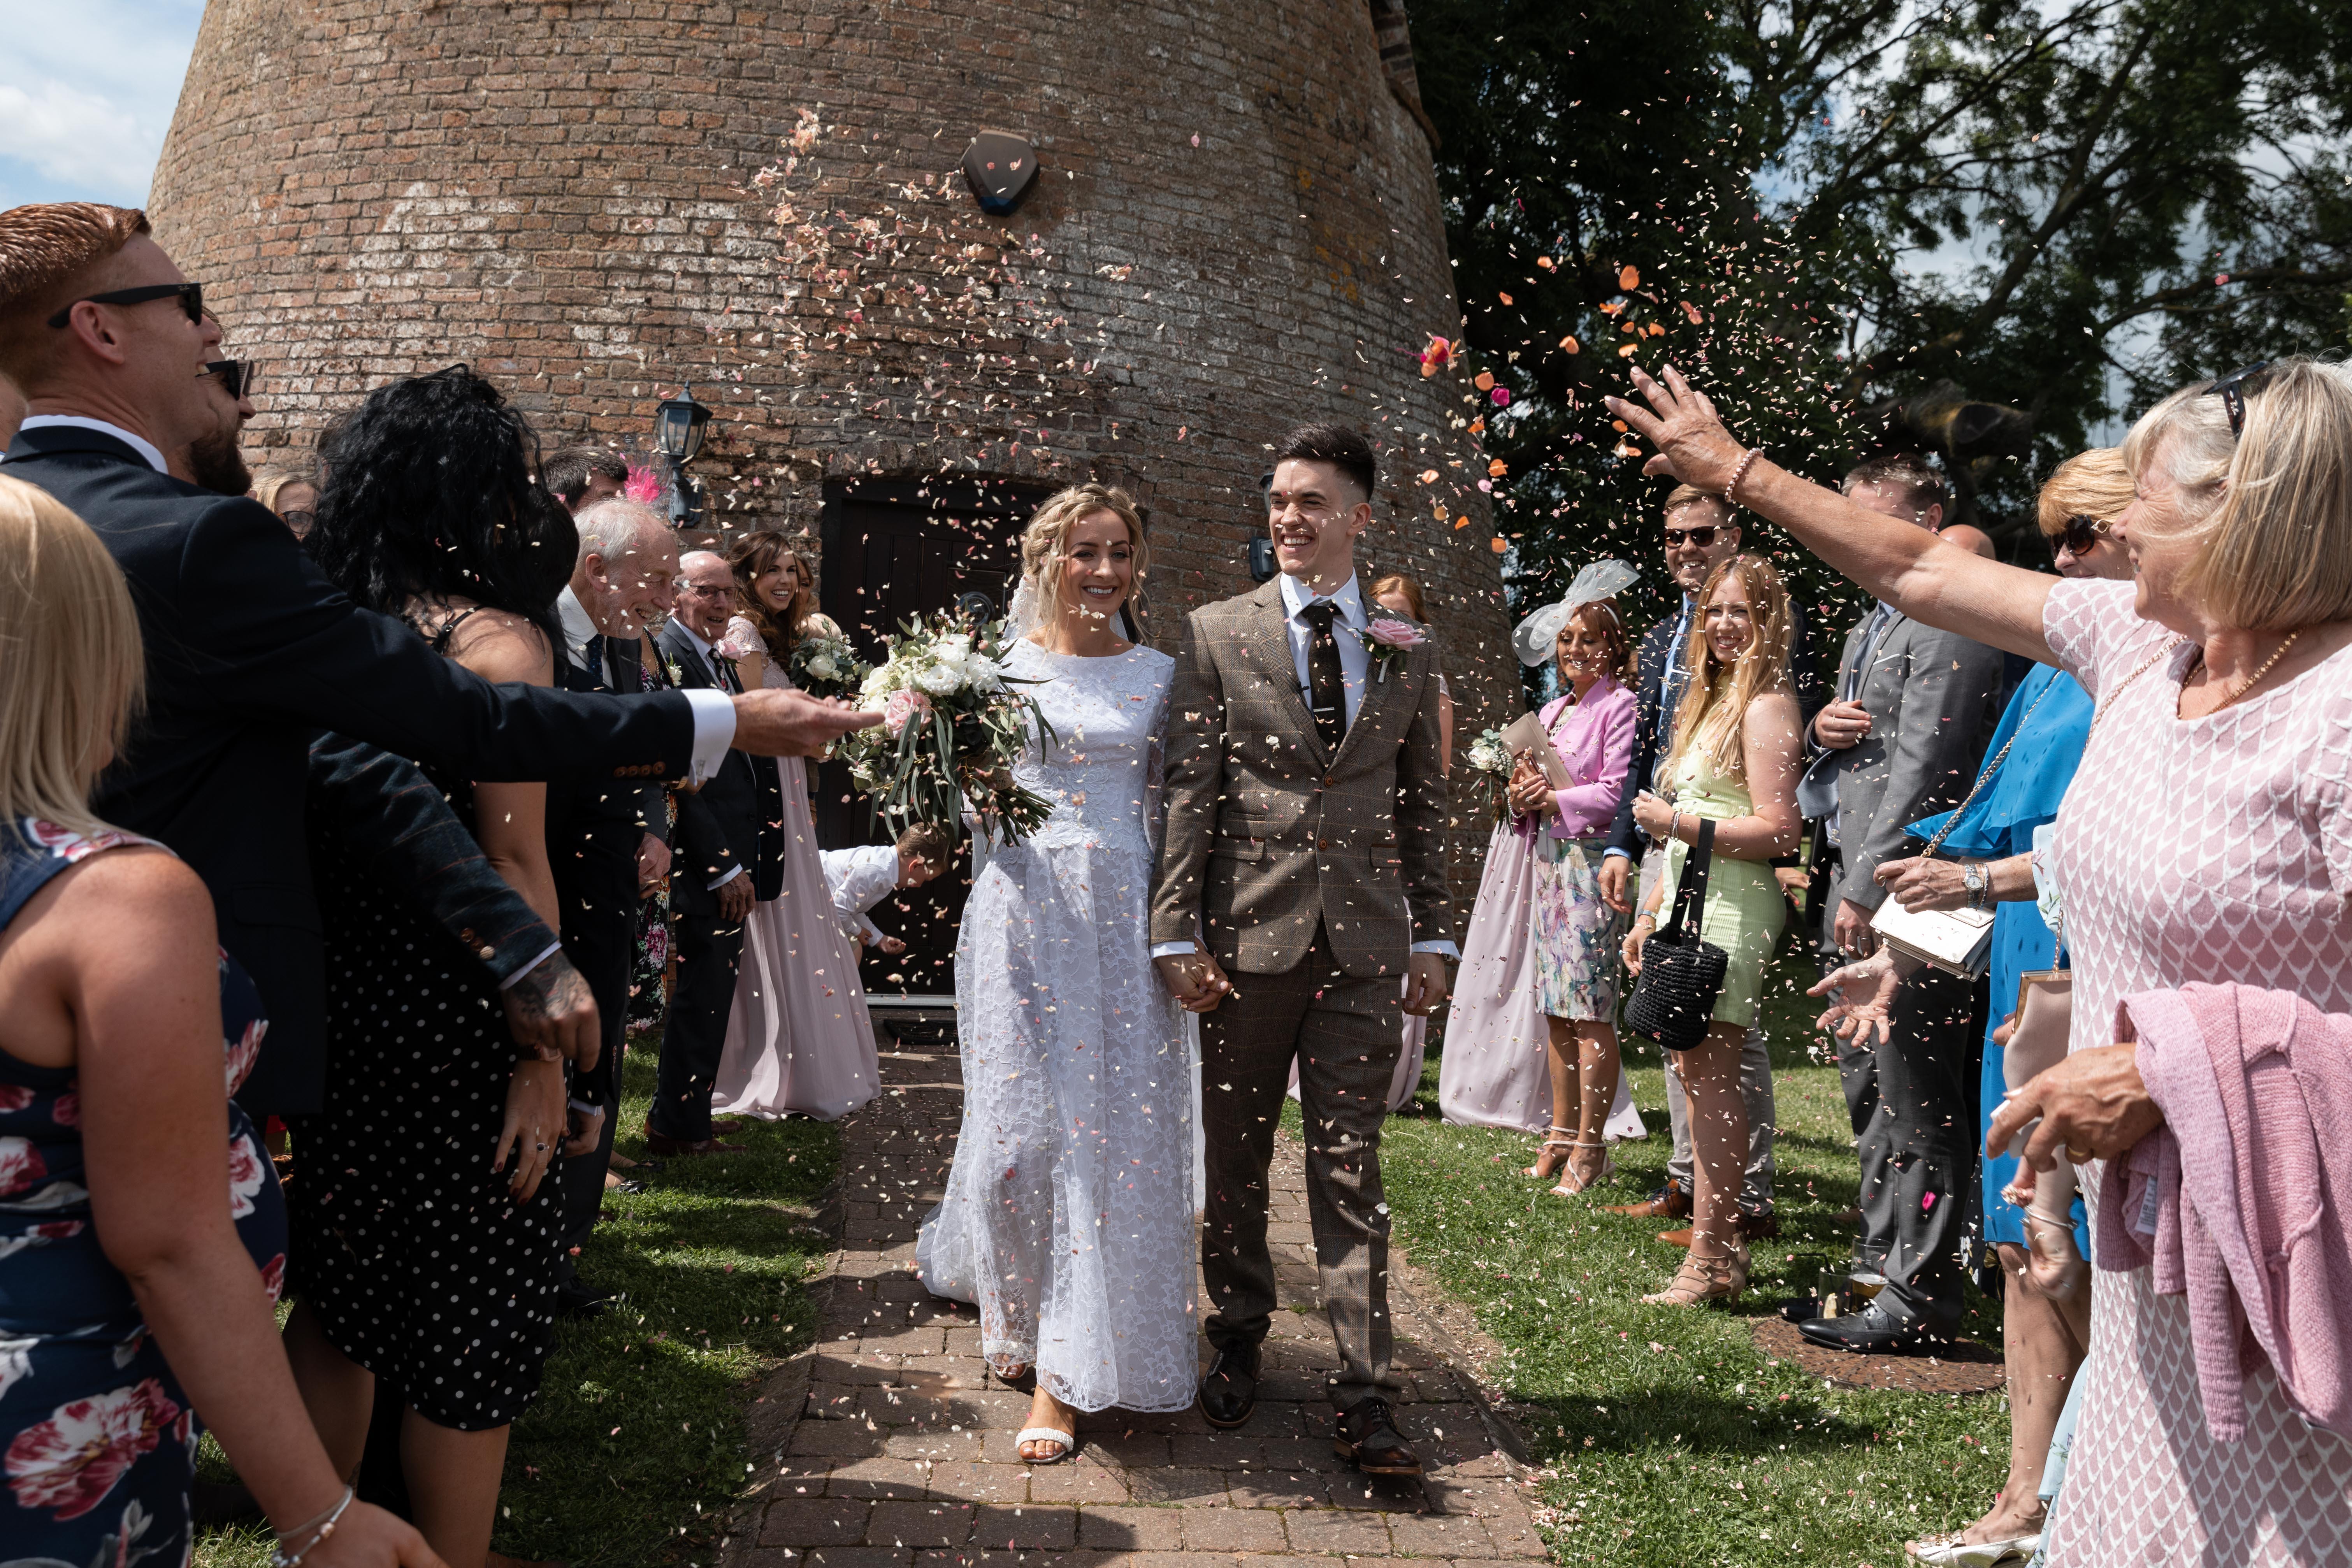 The bride & groom confetti photo